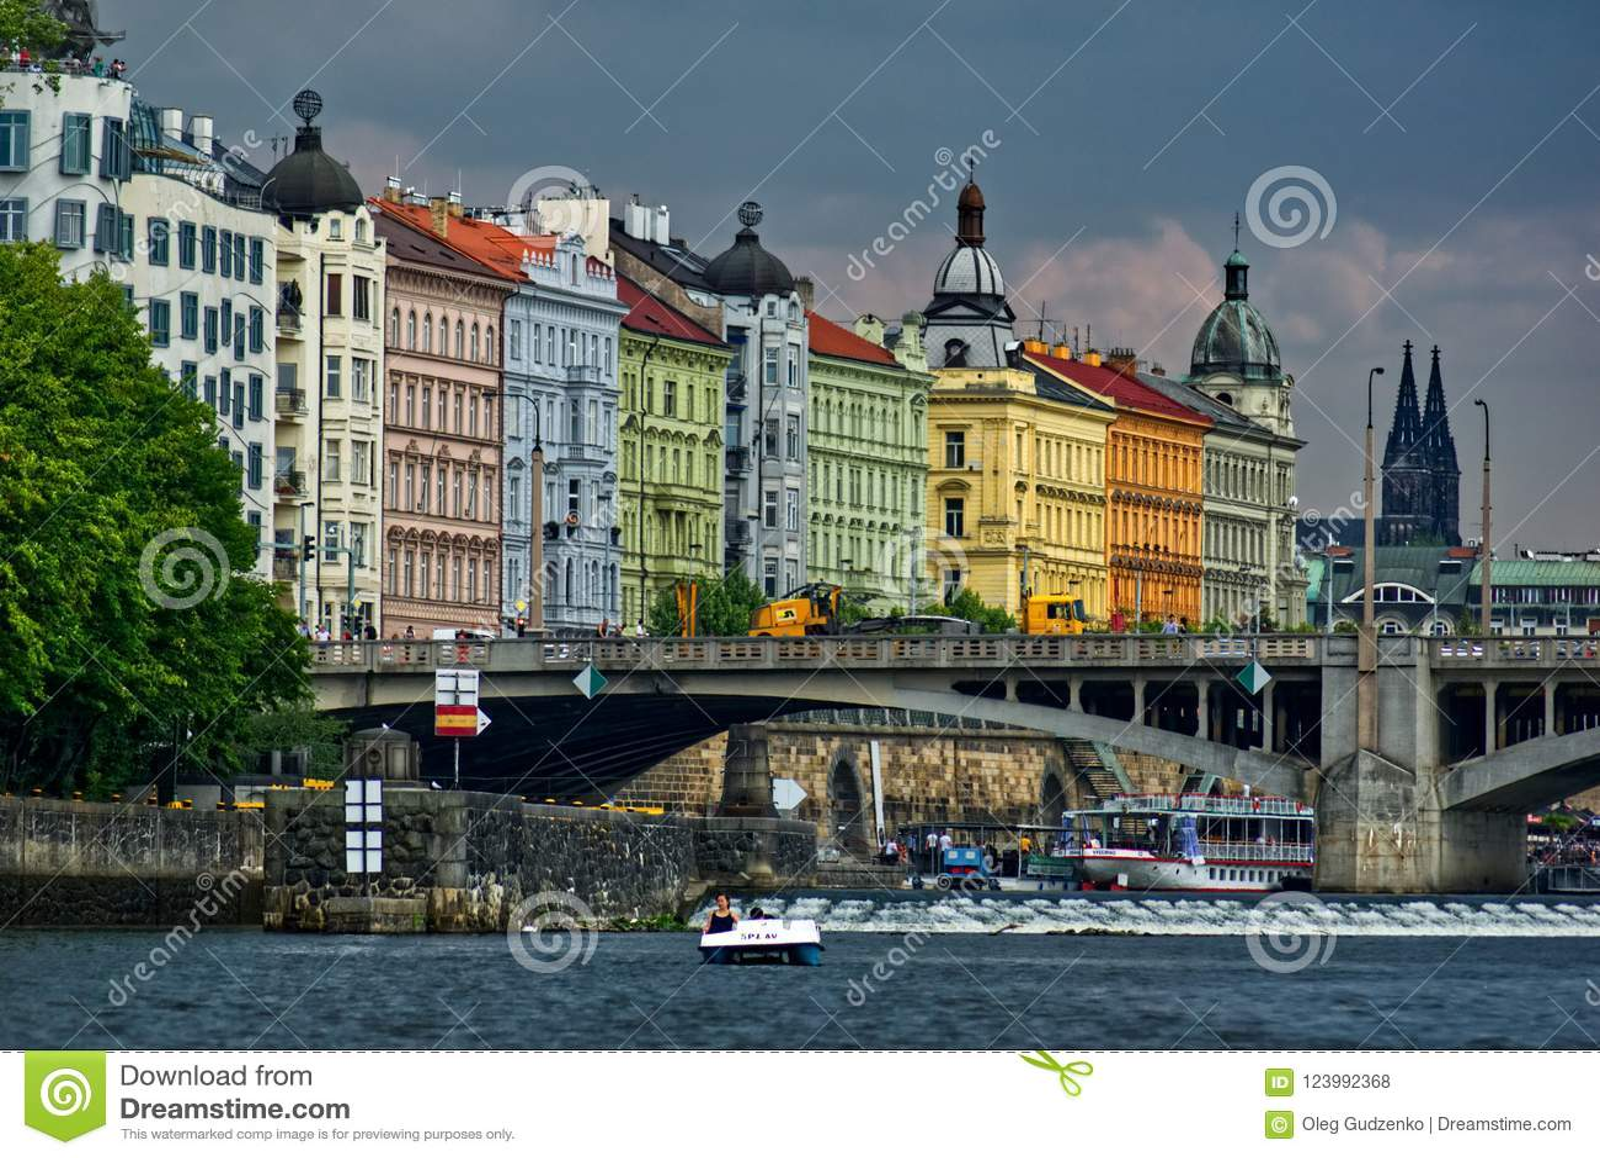 Historische architectuur in Praag